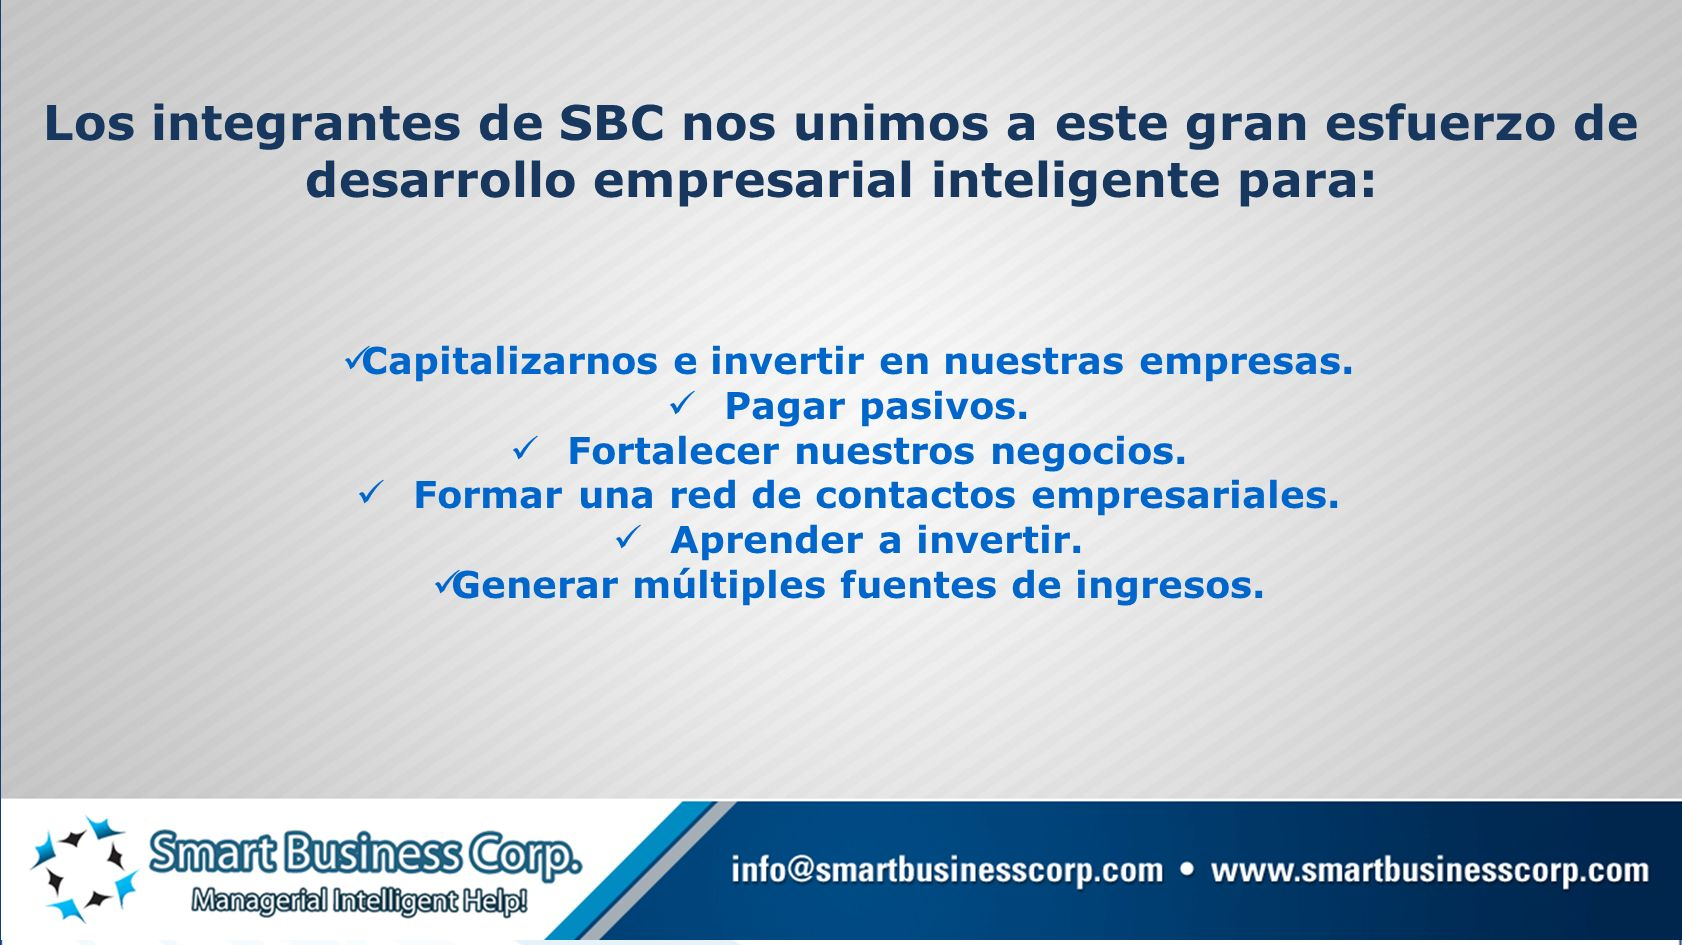 Los integrantes de SBC nos unimos a este gran esfuerzo de desarrollo empresarial inteligente para: